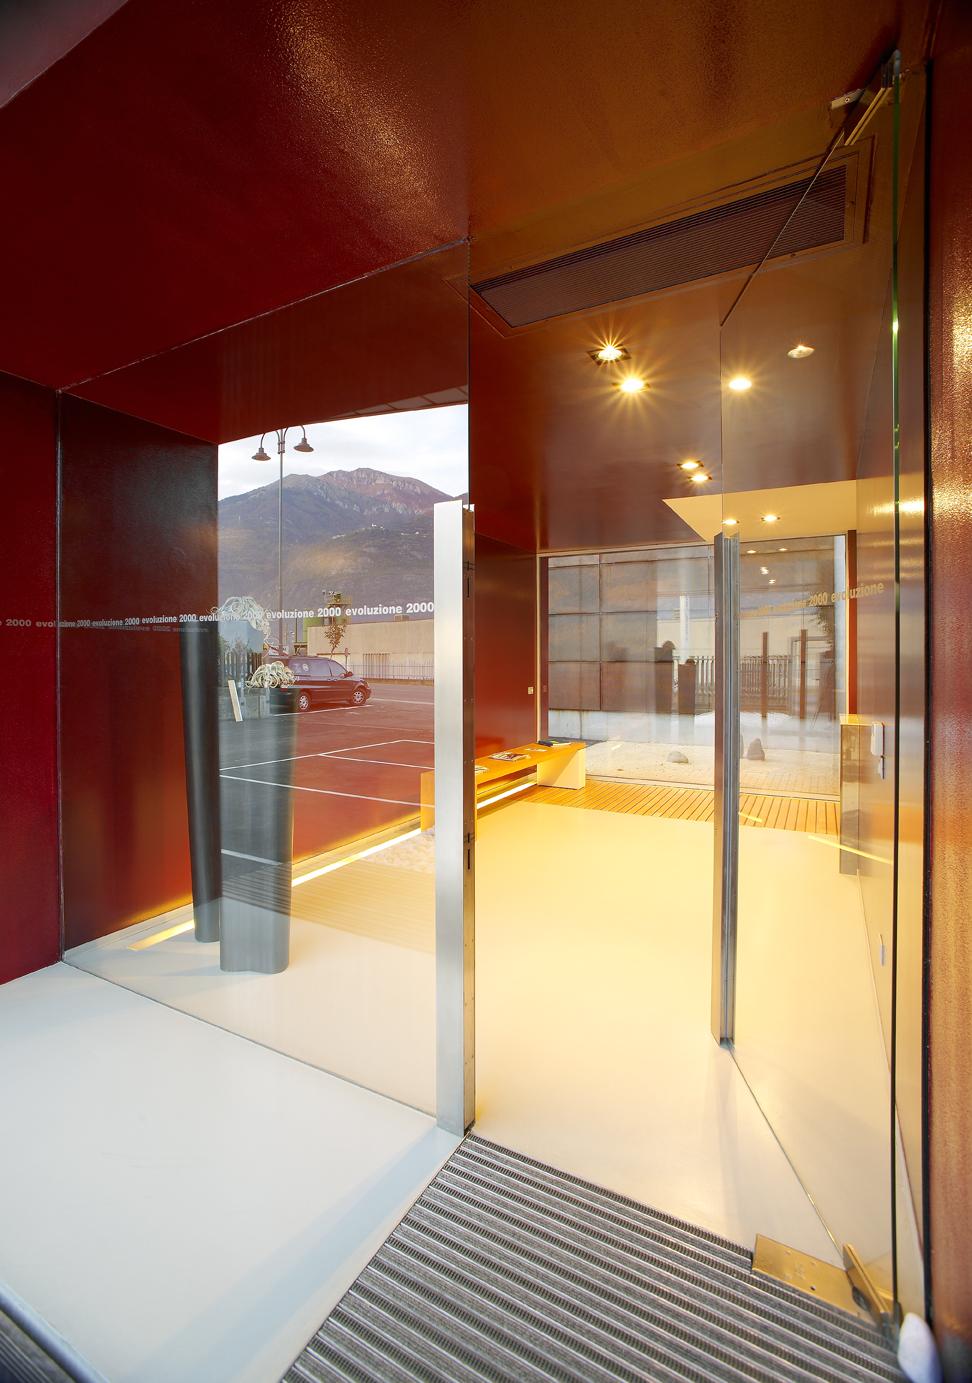 Studio-di-architettura-Baisotti-Sigala-prgetti7